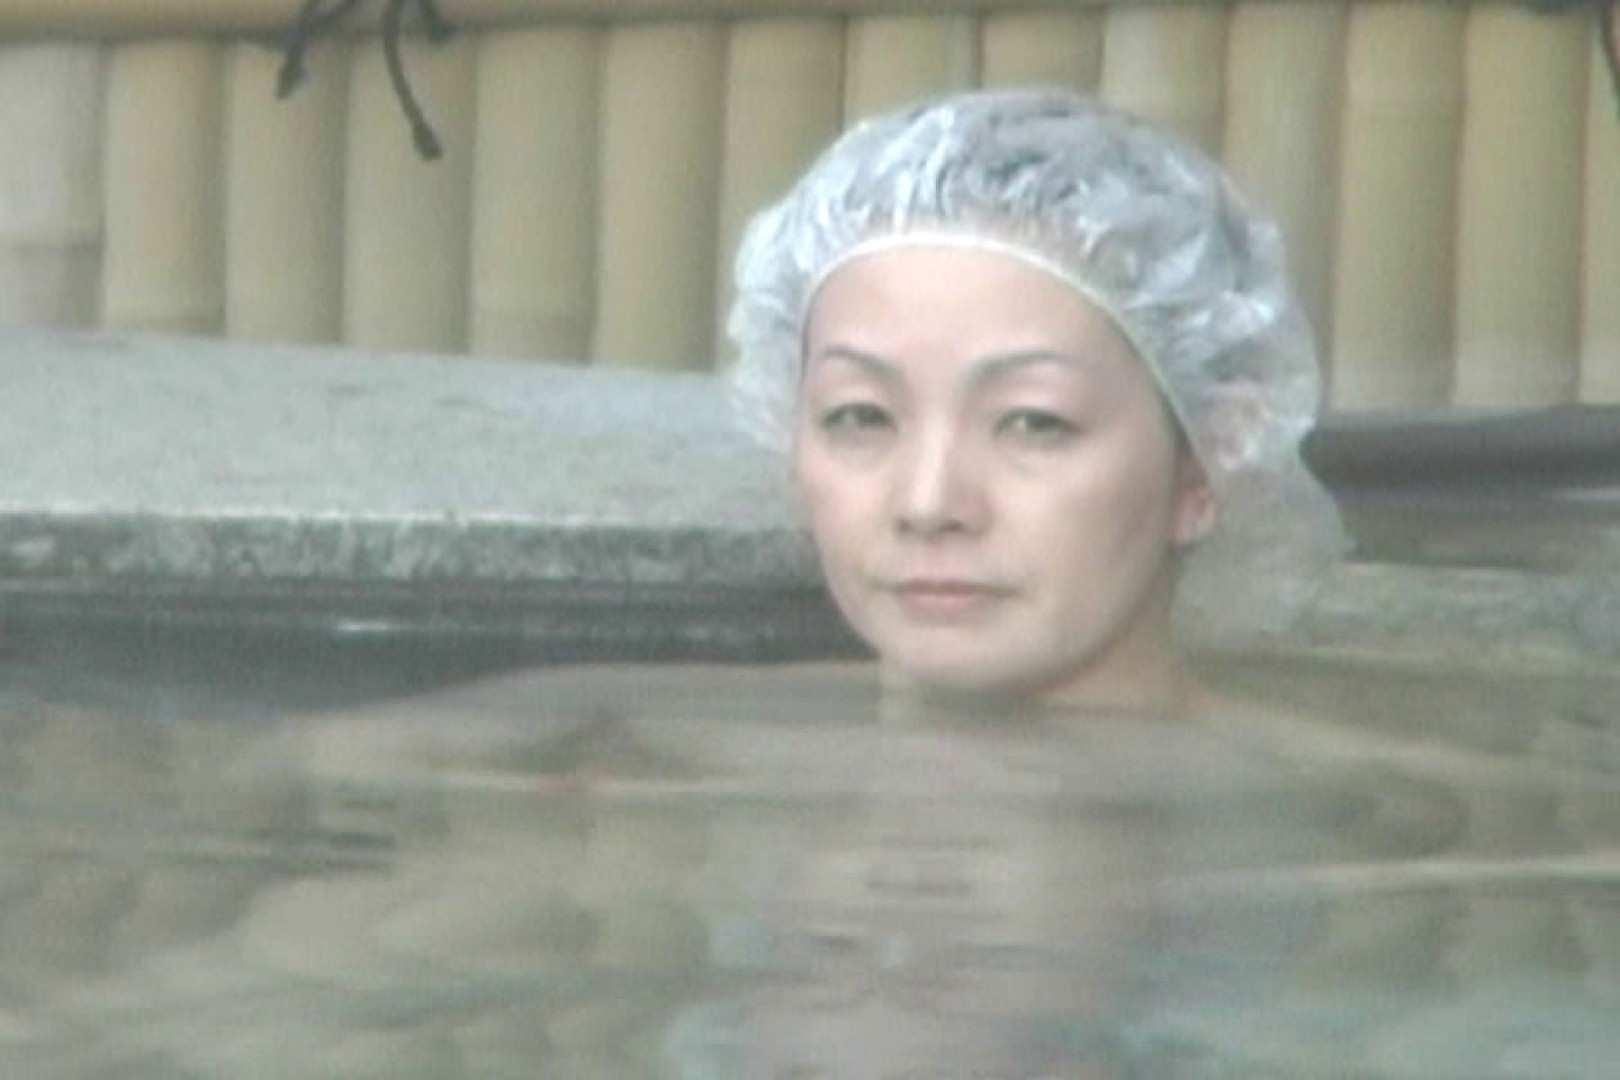 Aquaな露天風呂Vol.592 盗撮師作品 | 美しいOLの裸体  91pic 82